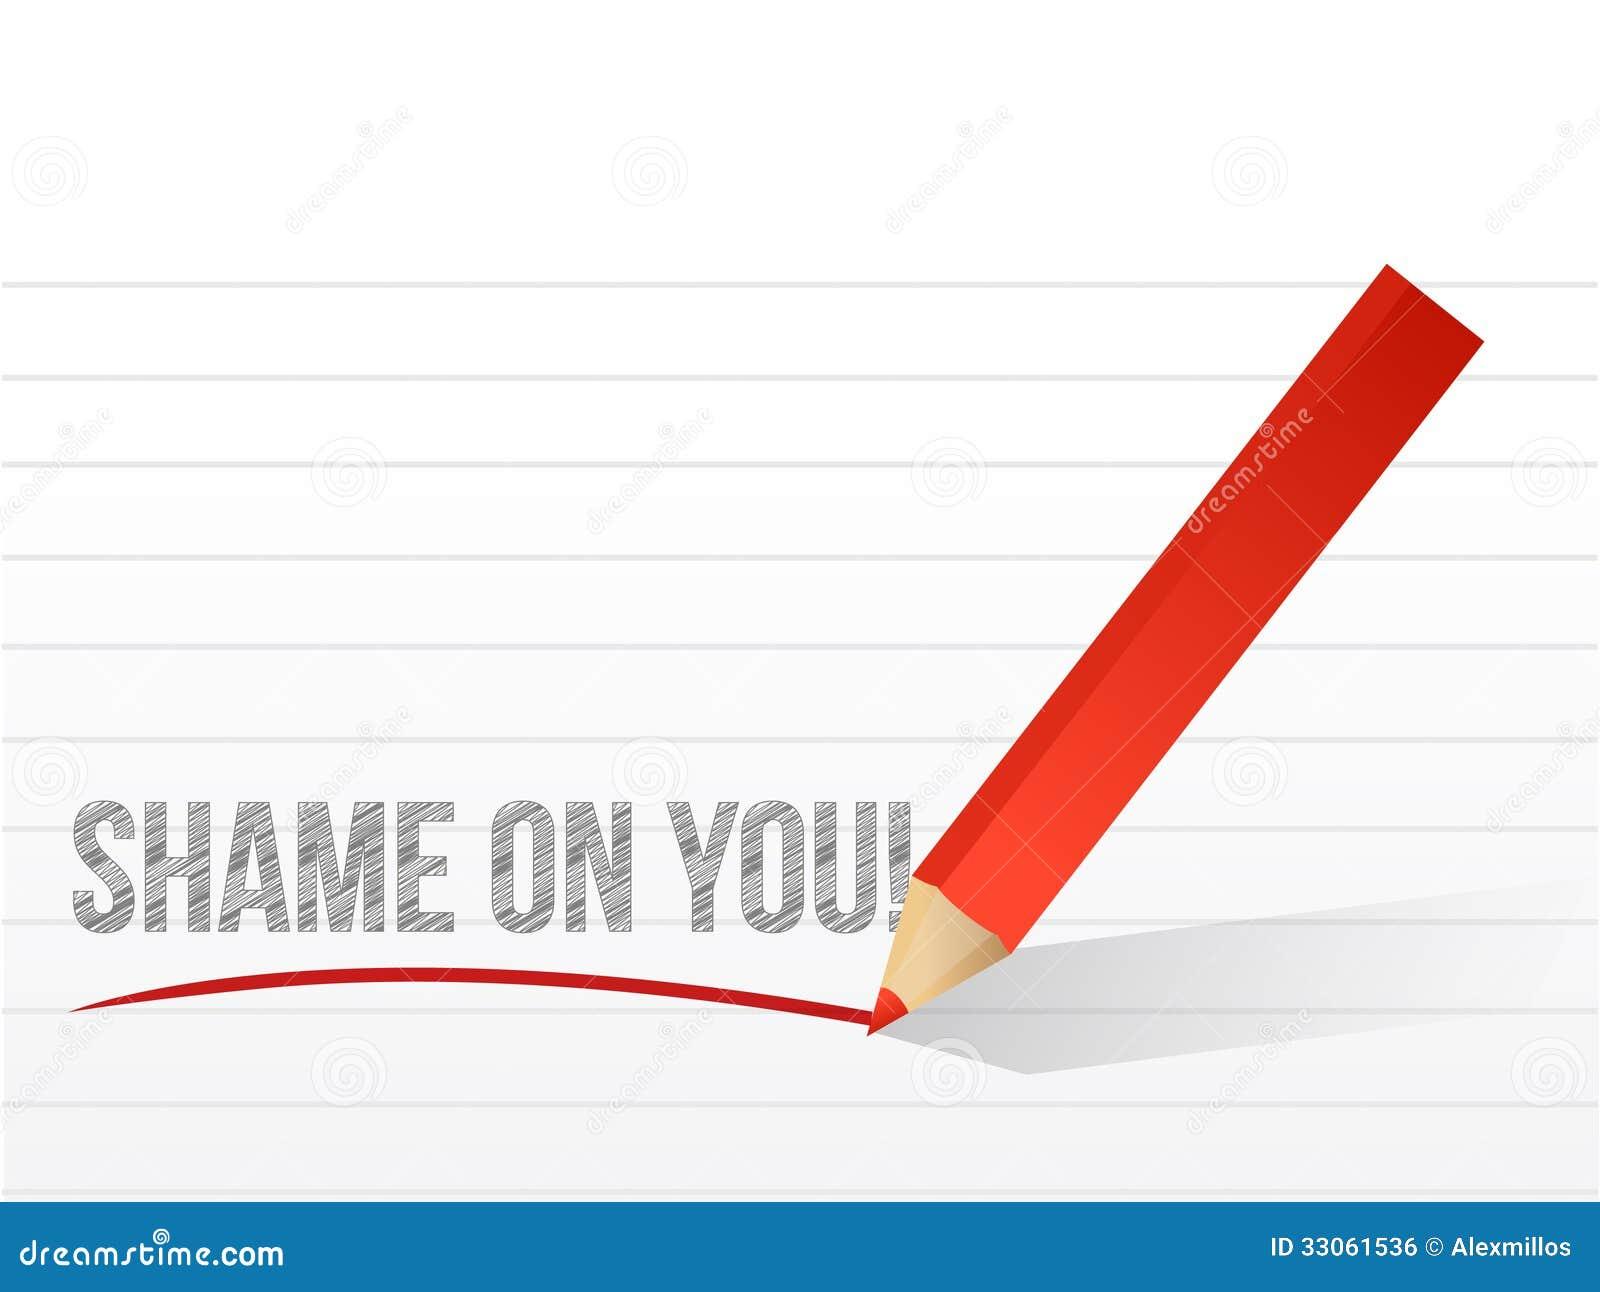 Images for the Word Guilt Shame